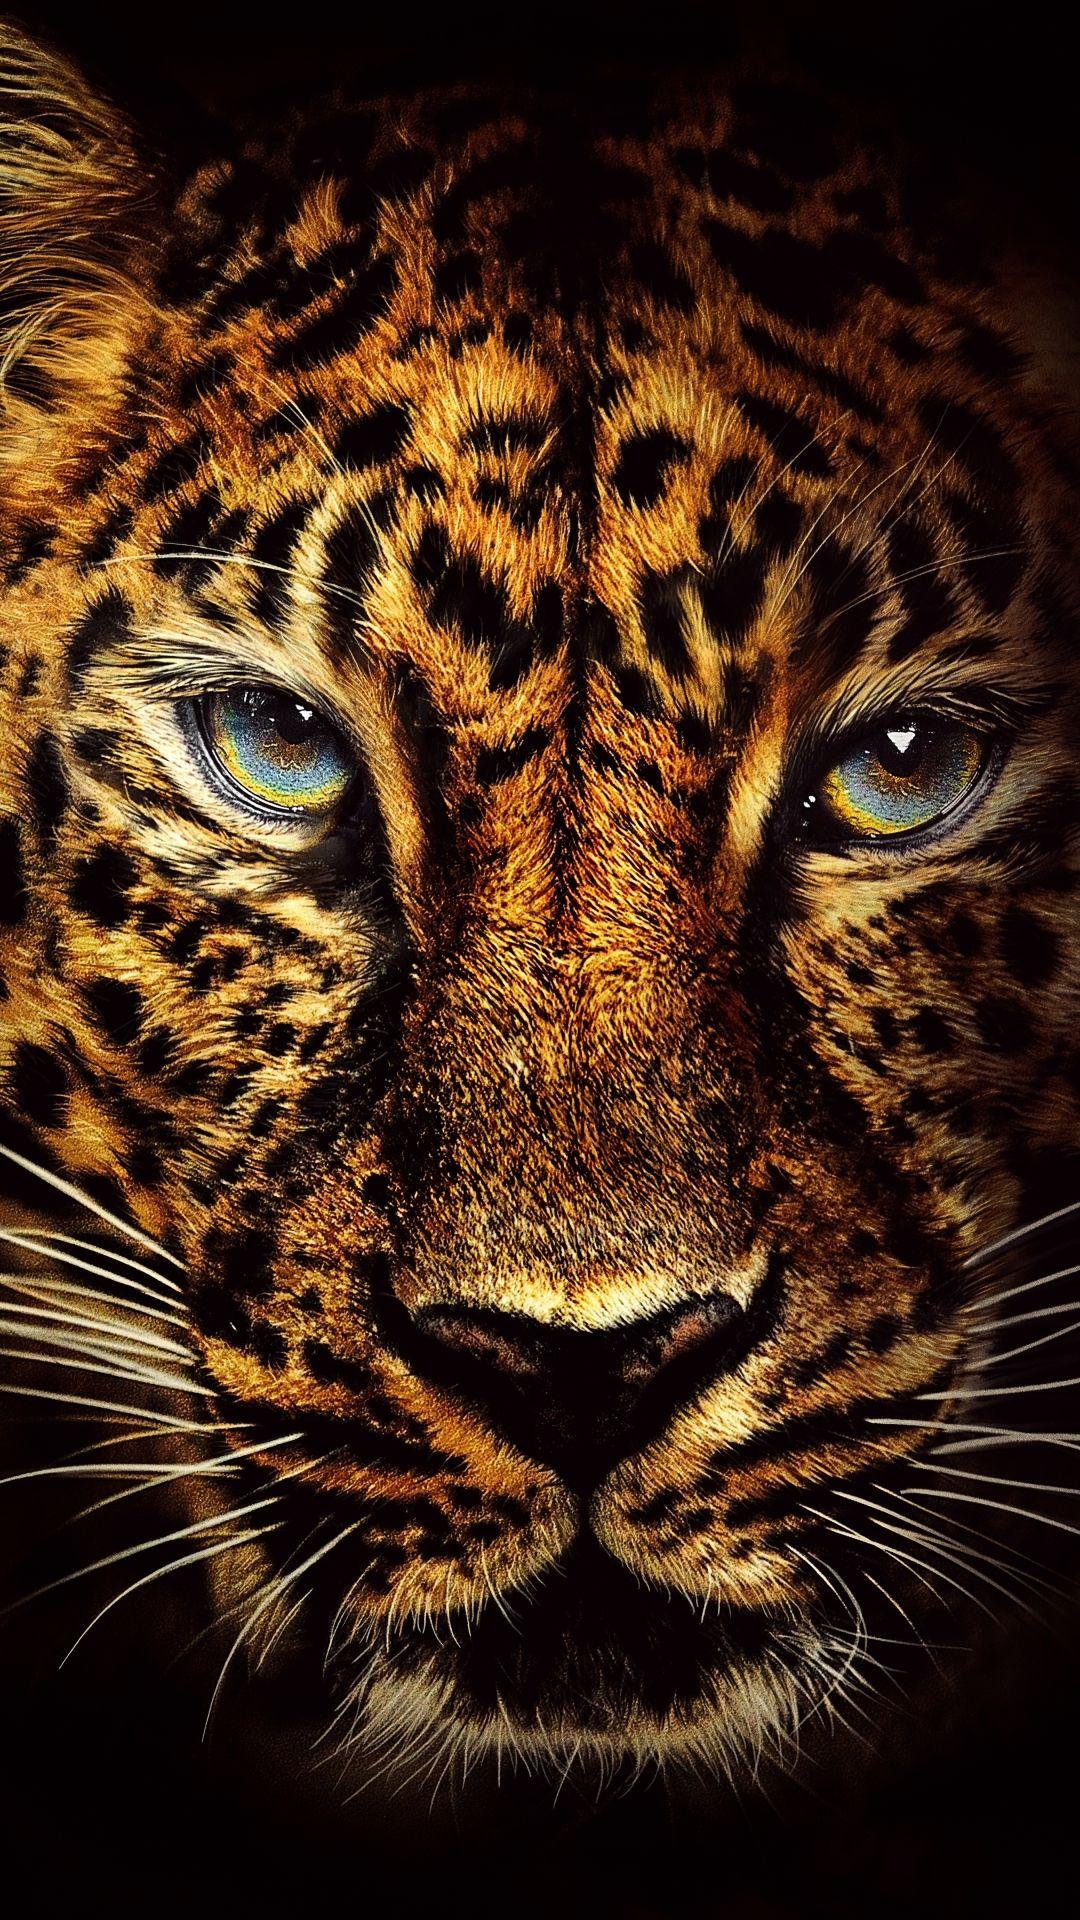 Jaguar Face animal phonewallpaper in 2020 Jaguar